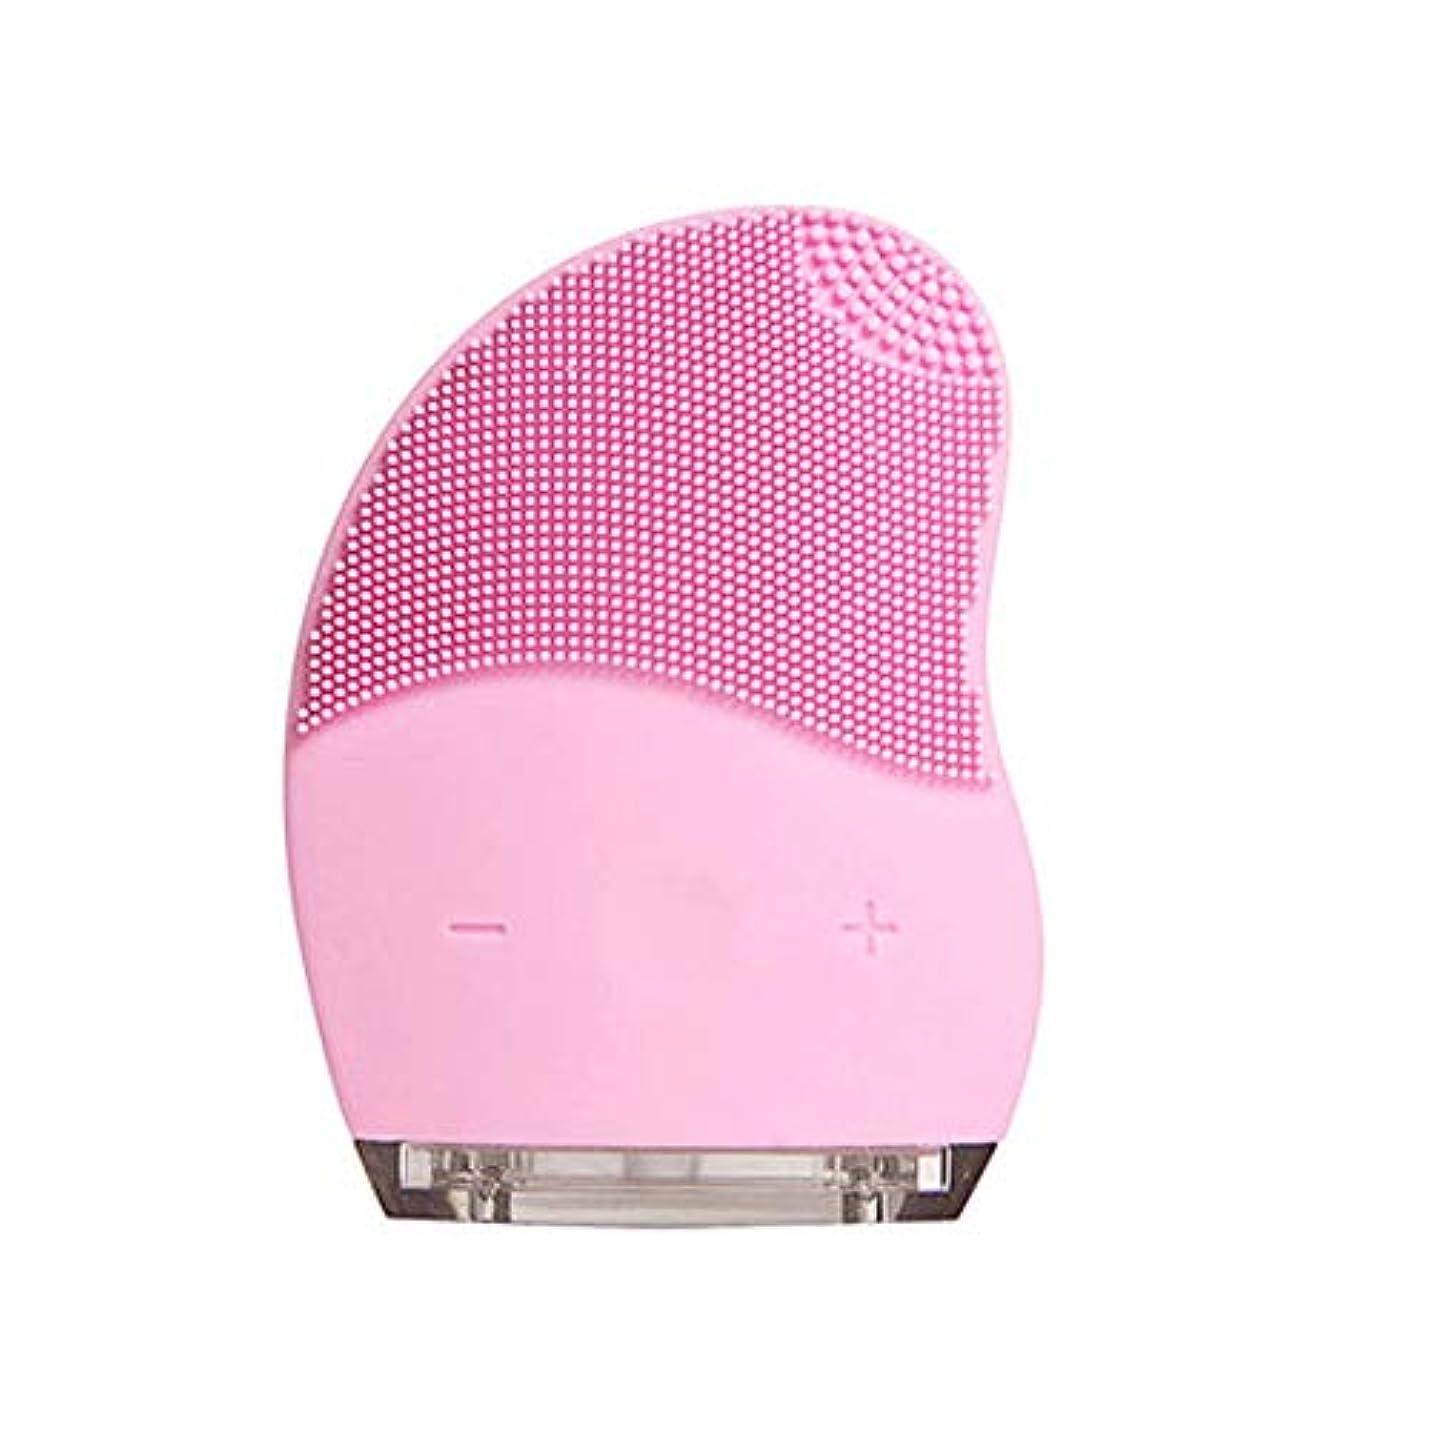 コメンテーターバッジ一瞬HEHUIHUI- クレンジングブラシ、ディープクレンジングフェイシャル、防水性と振動性のクレンジングブラシ、アンチエイジング、優しい角質除去とマッサージ(ピンク) (Style : A)